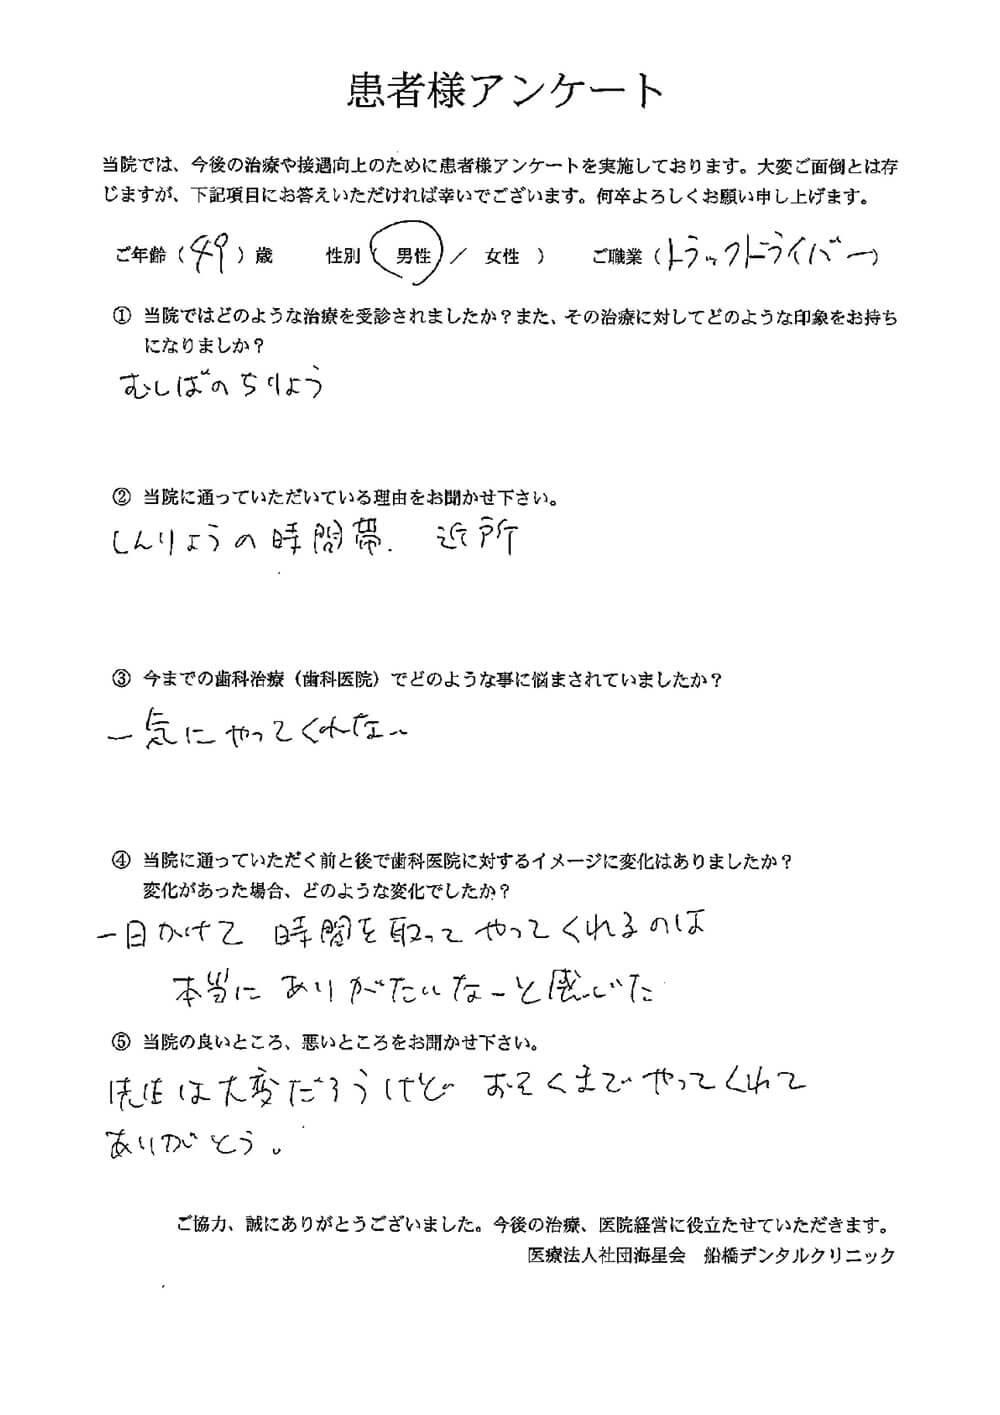 船橋デンタルクリニックの口コミ・評判アンケート7